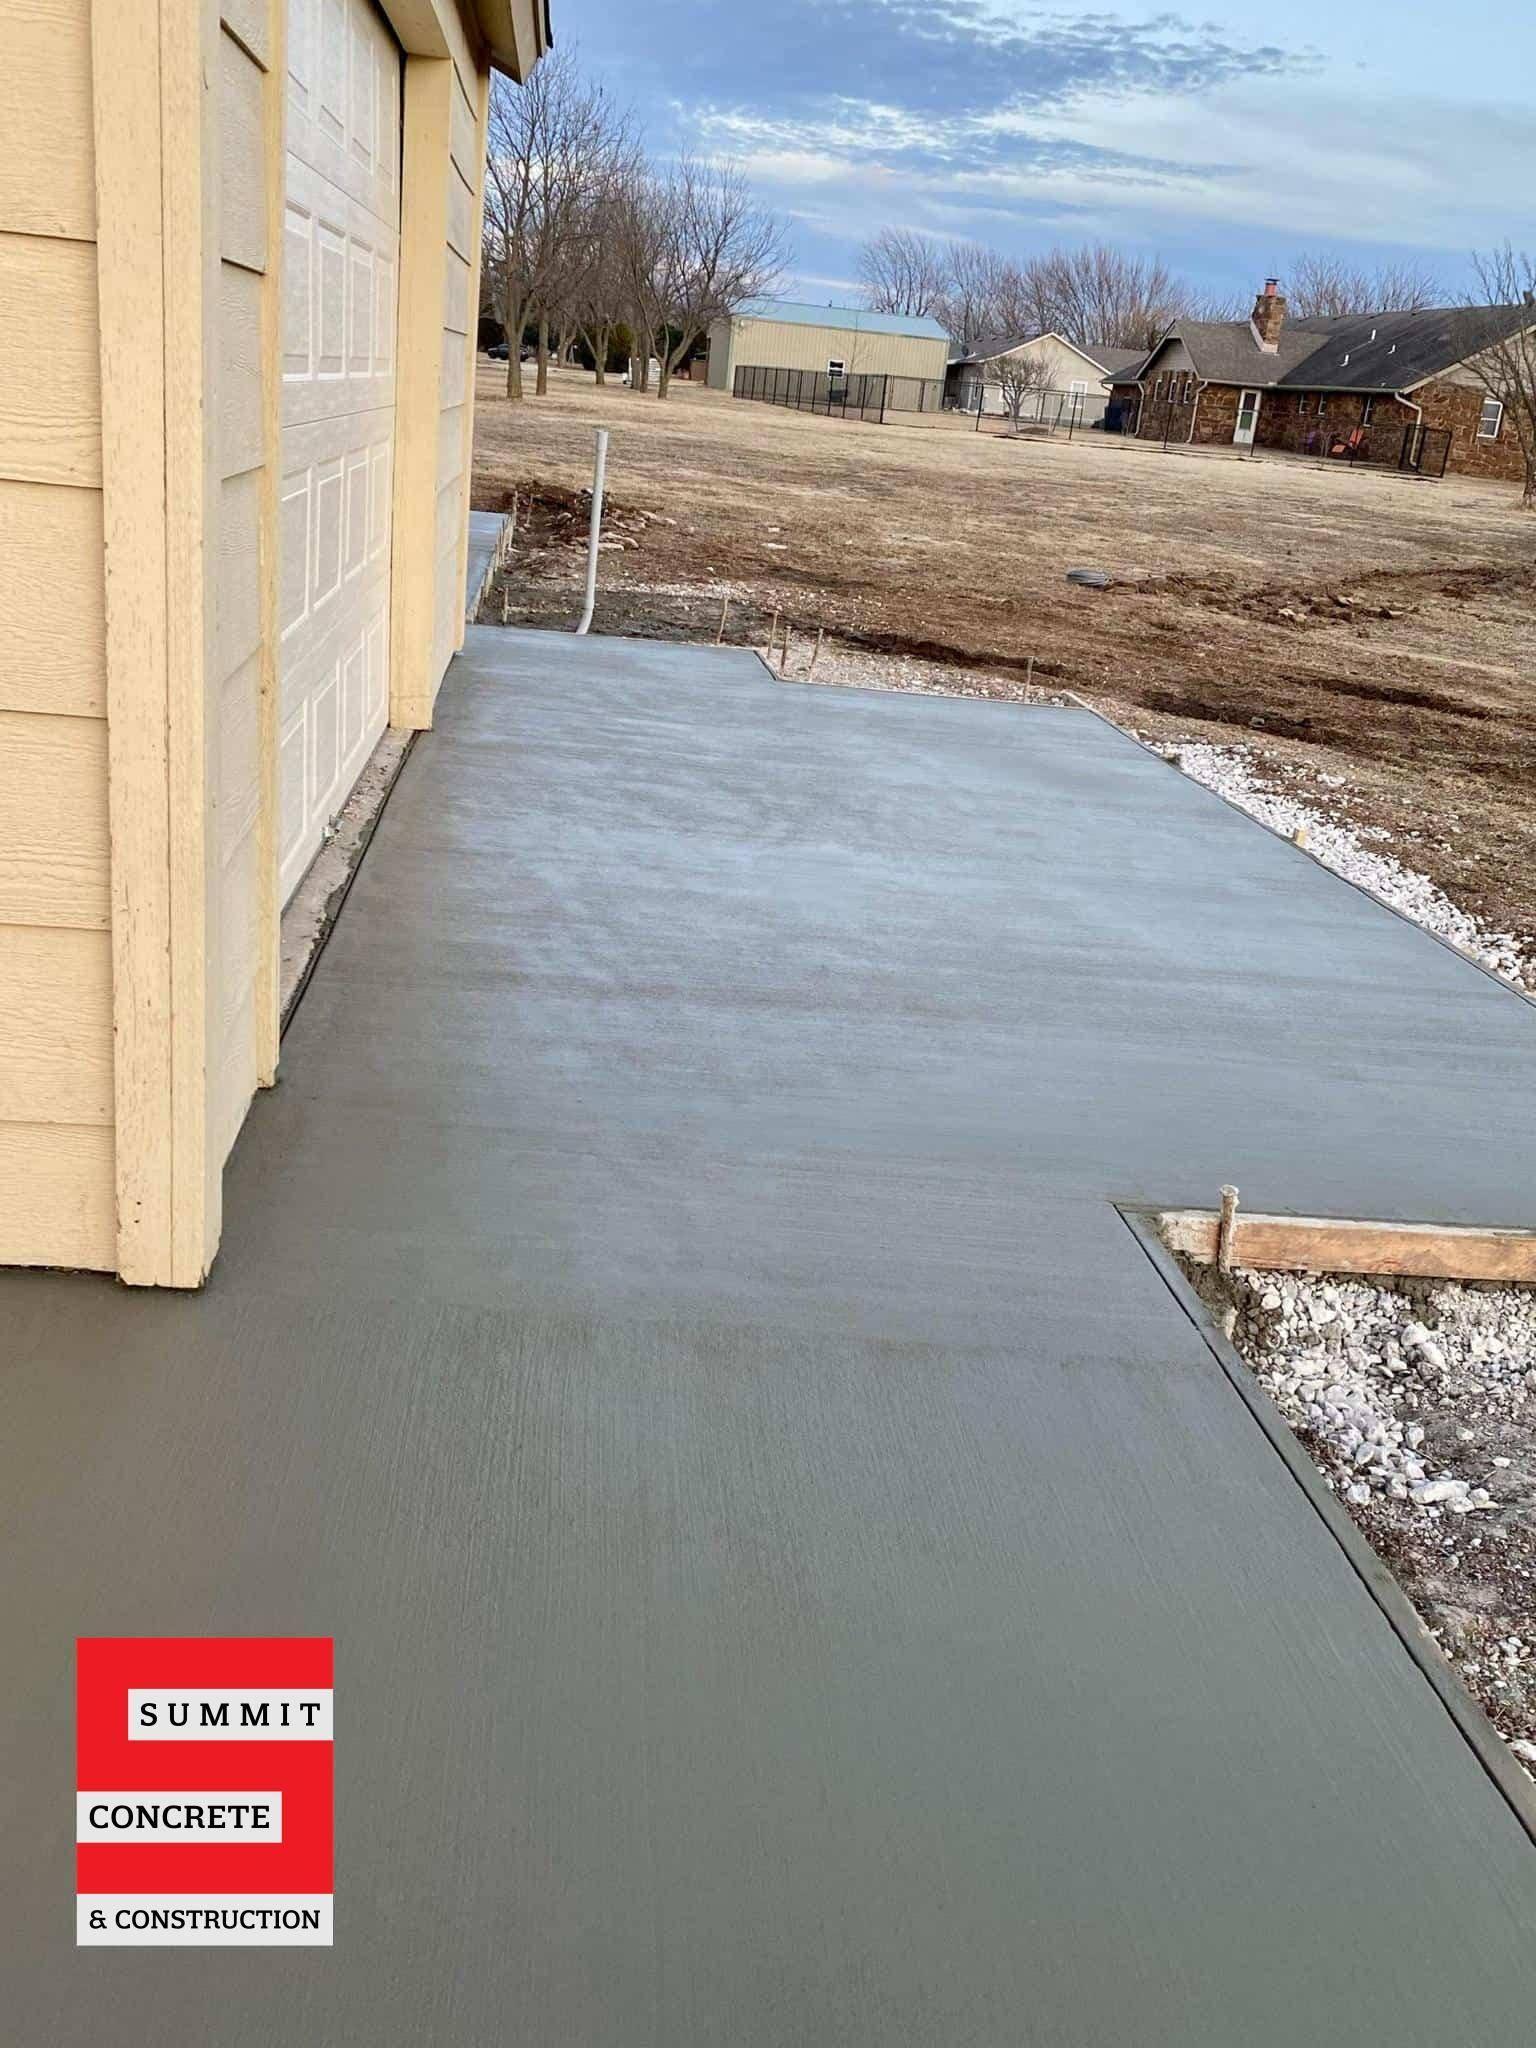 2020 12 28 Tulsa concrete sidewalk IMG 7672 scaled